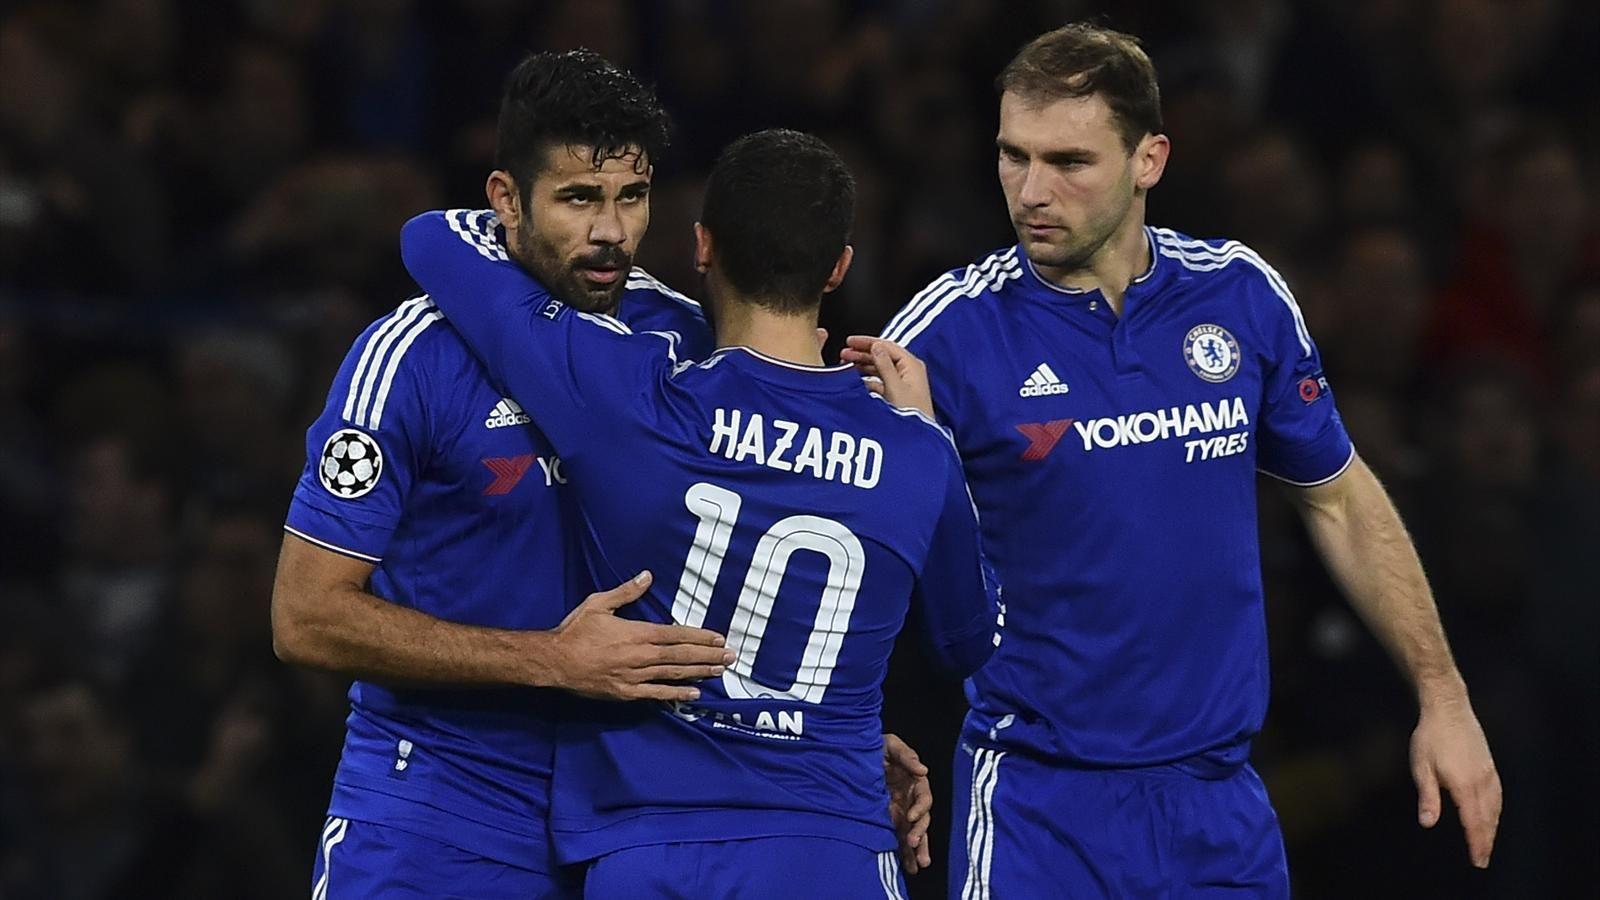 Hazard Costa